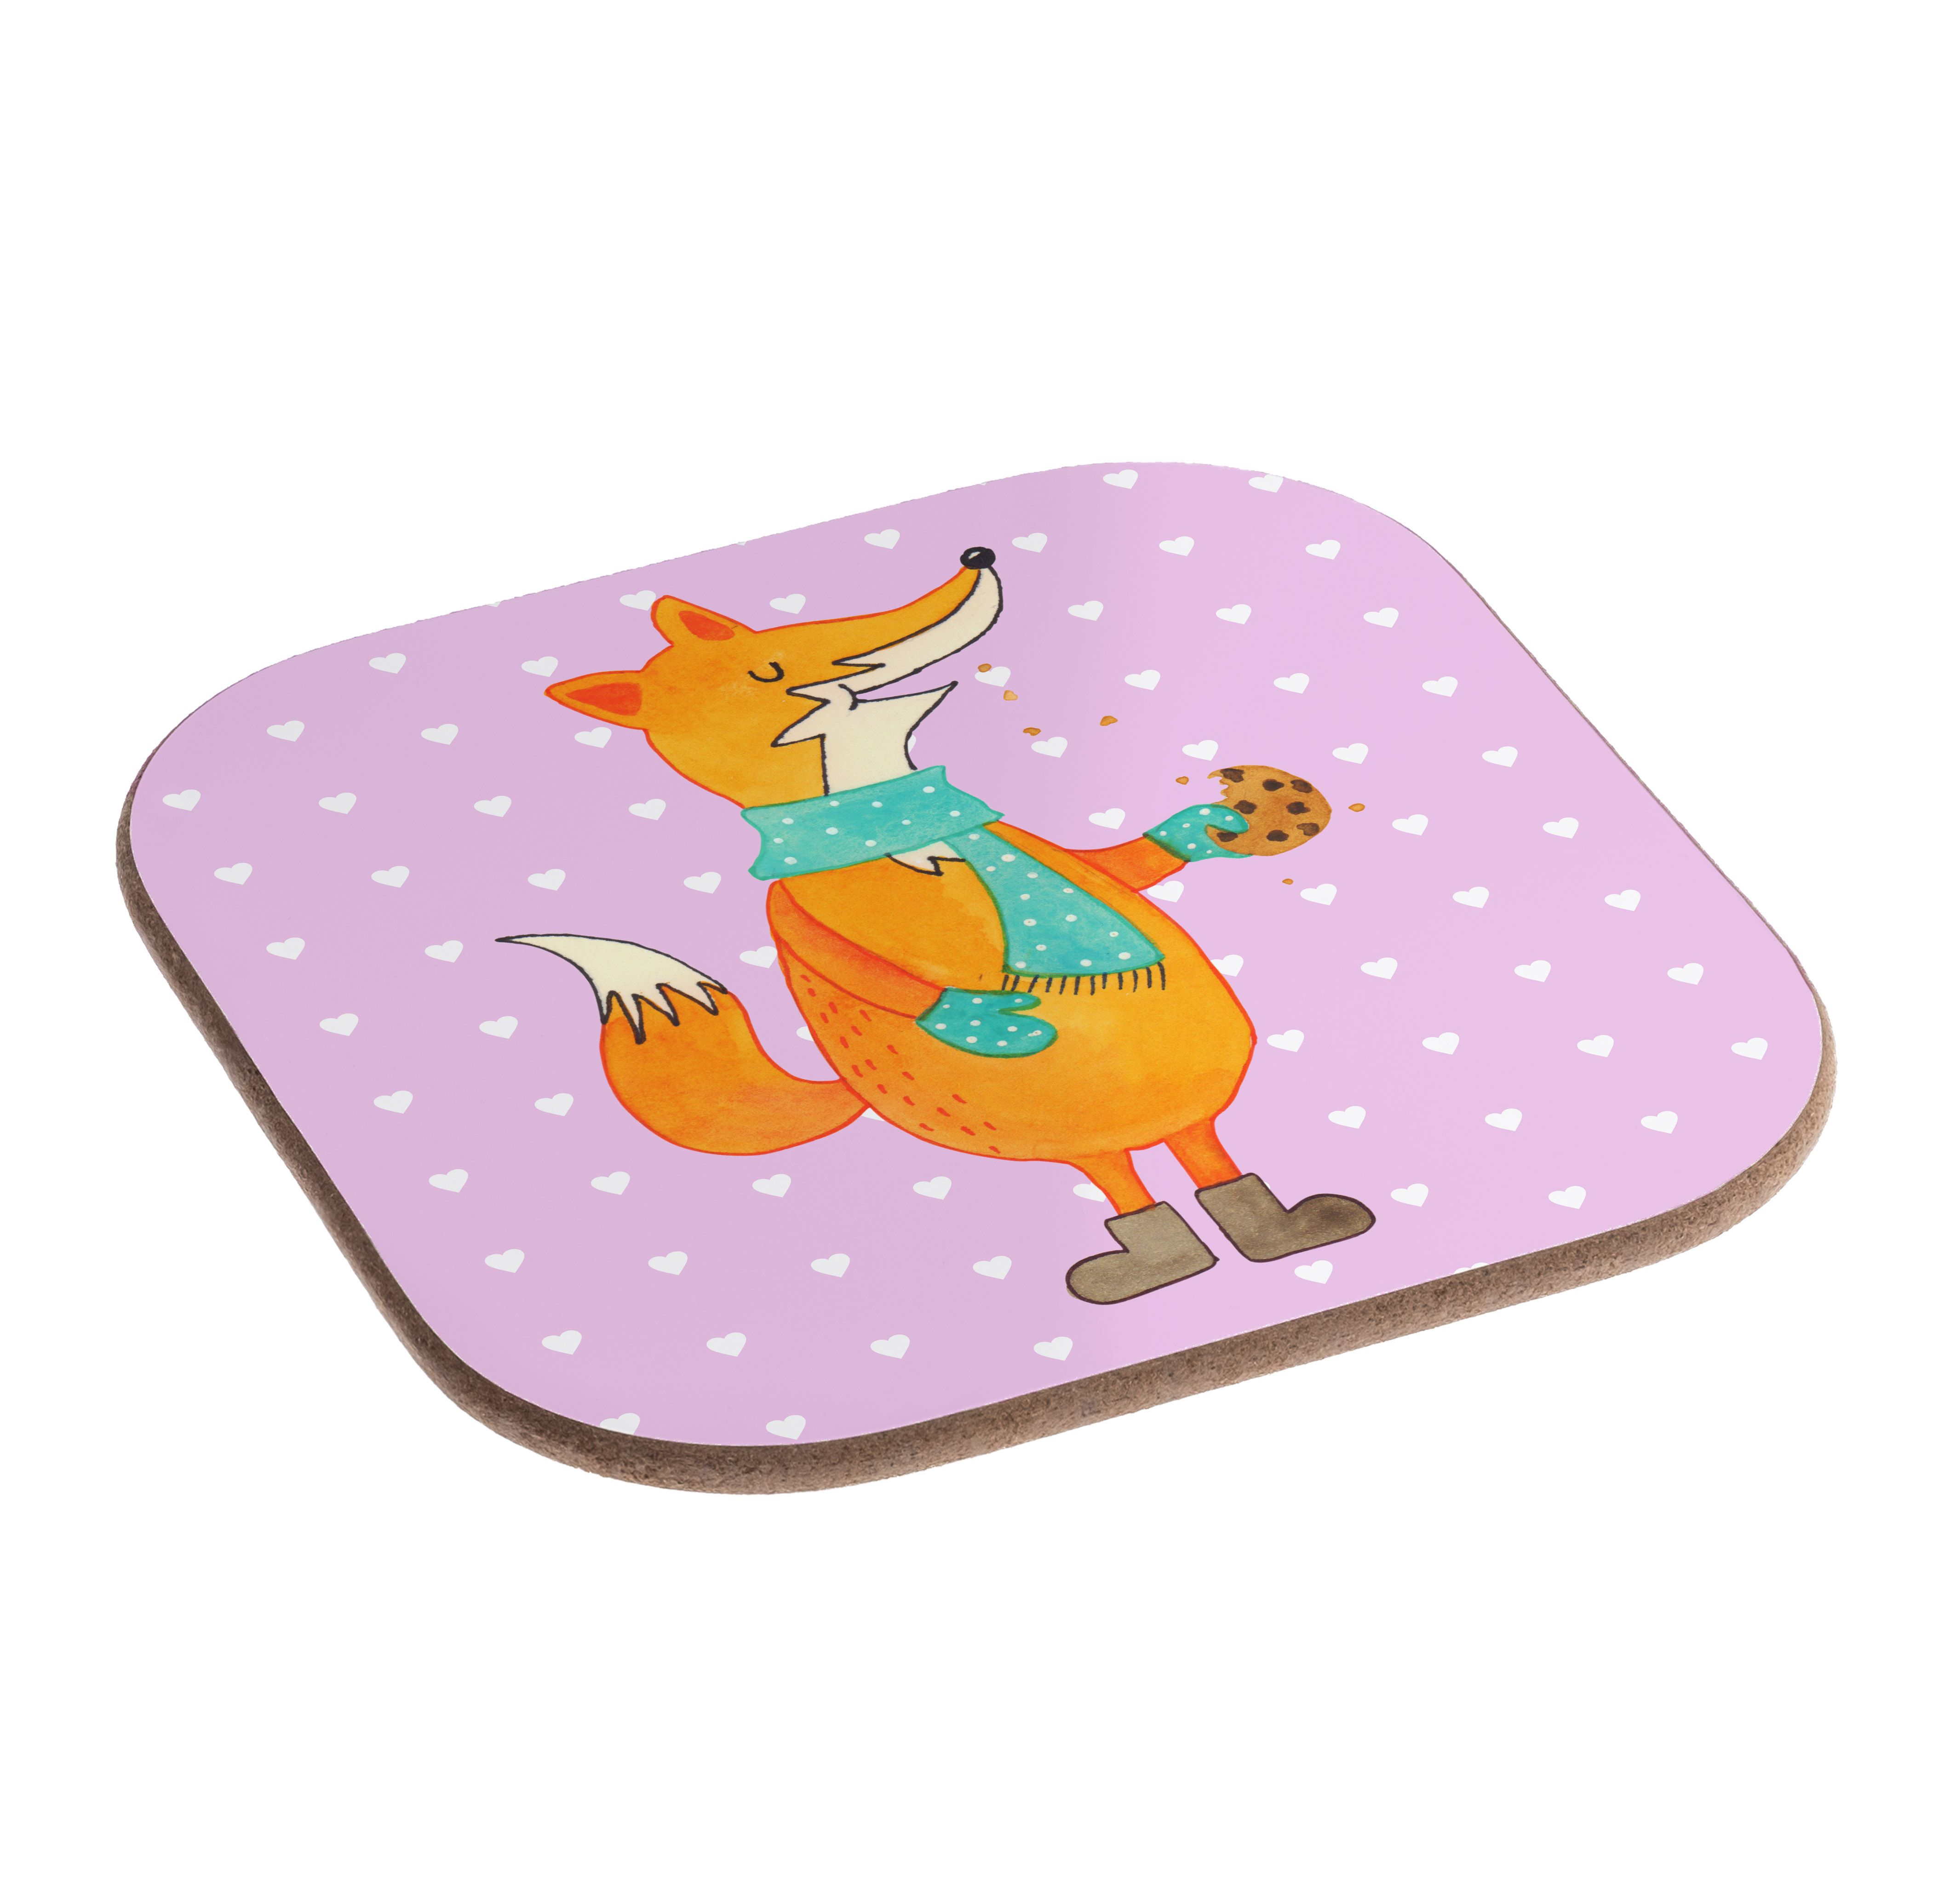 Quadratische Untersetzer Fuchs Keks aus Hartfaser  natur - Das Original von Mr. & Mrs. Panda.  Dieser wunderschönen Untersetzer von Mr. & Mrs. Panda wird in unserer Manufaktur liebevoll bedruckt und verpackt. Er bestitz eine Größe von 100x100 mm und glänzt sehr hochwertig. Hier wird ein Untersetzer verkauft, sie können die Untersetzer natürlich auch im Set kaufen.    Über unser Motiv Fuchs Keks  Die Fox-Edition ist eine besonders liebevolle Kollektion von Mr. & Mrs. Panda. Jedes Motiv ist…